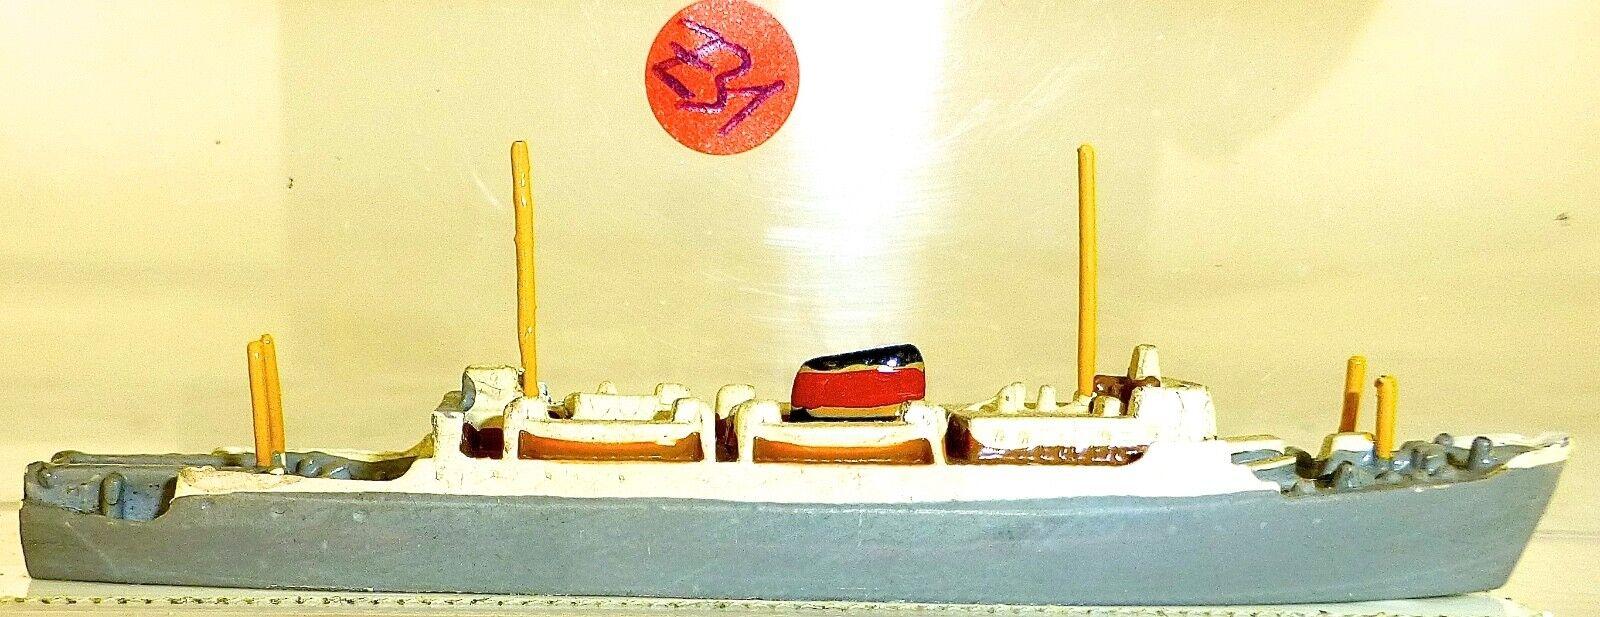 Gogol hansa 23 maqueta de barco 1 1250 shpz31 å